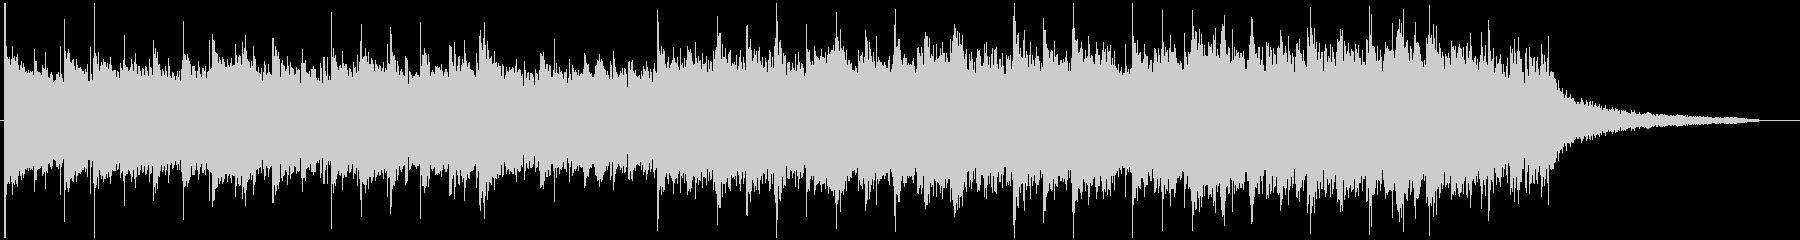 サスペンス ガムランとドラムの未再生の波形